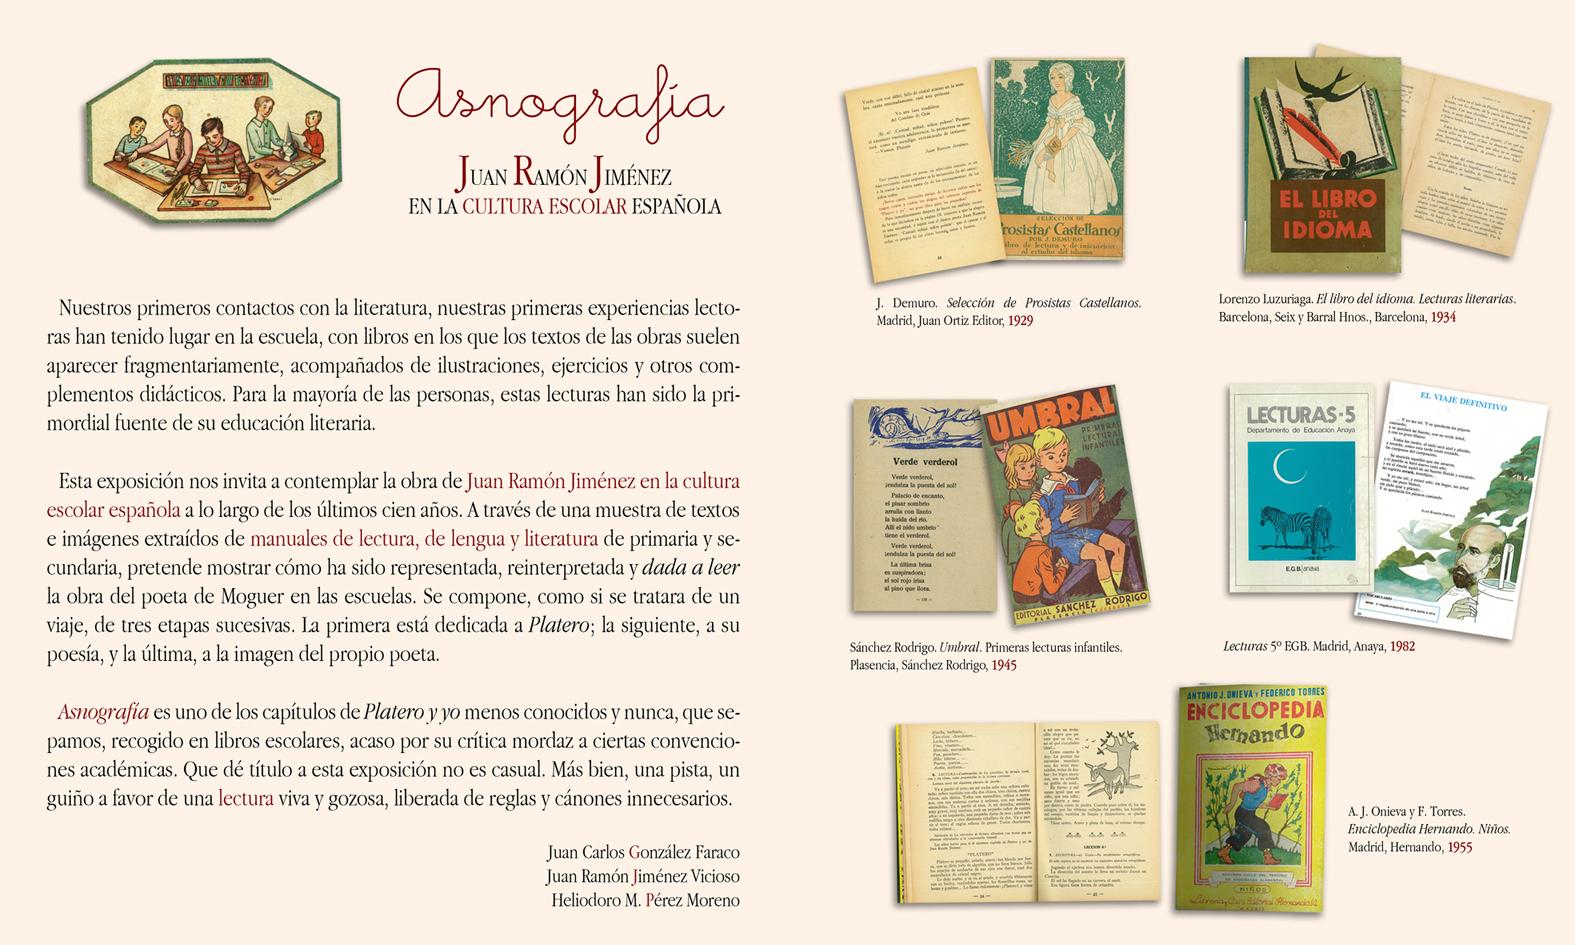 """La """"Asnografía"""" de Juan Ramón Jiménez llega al Antiquarium"""